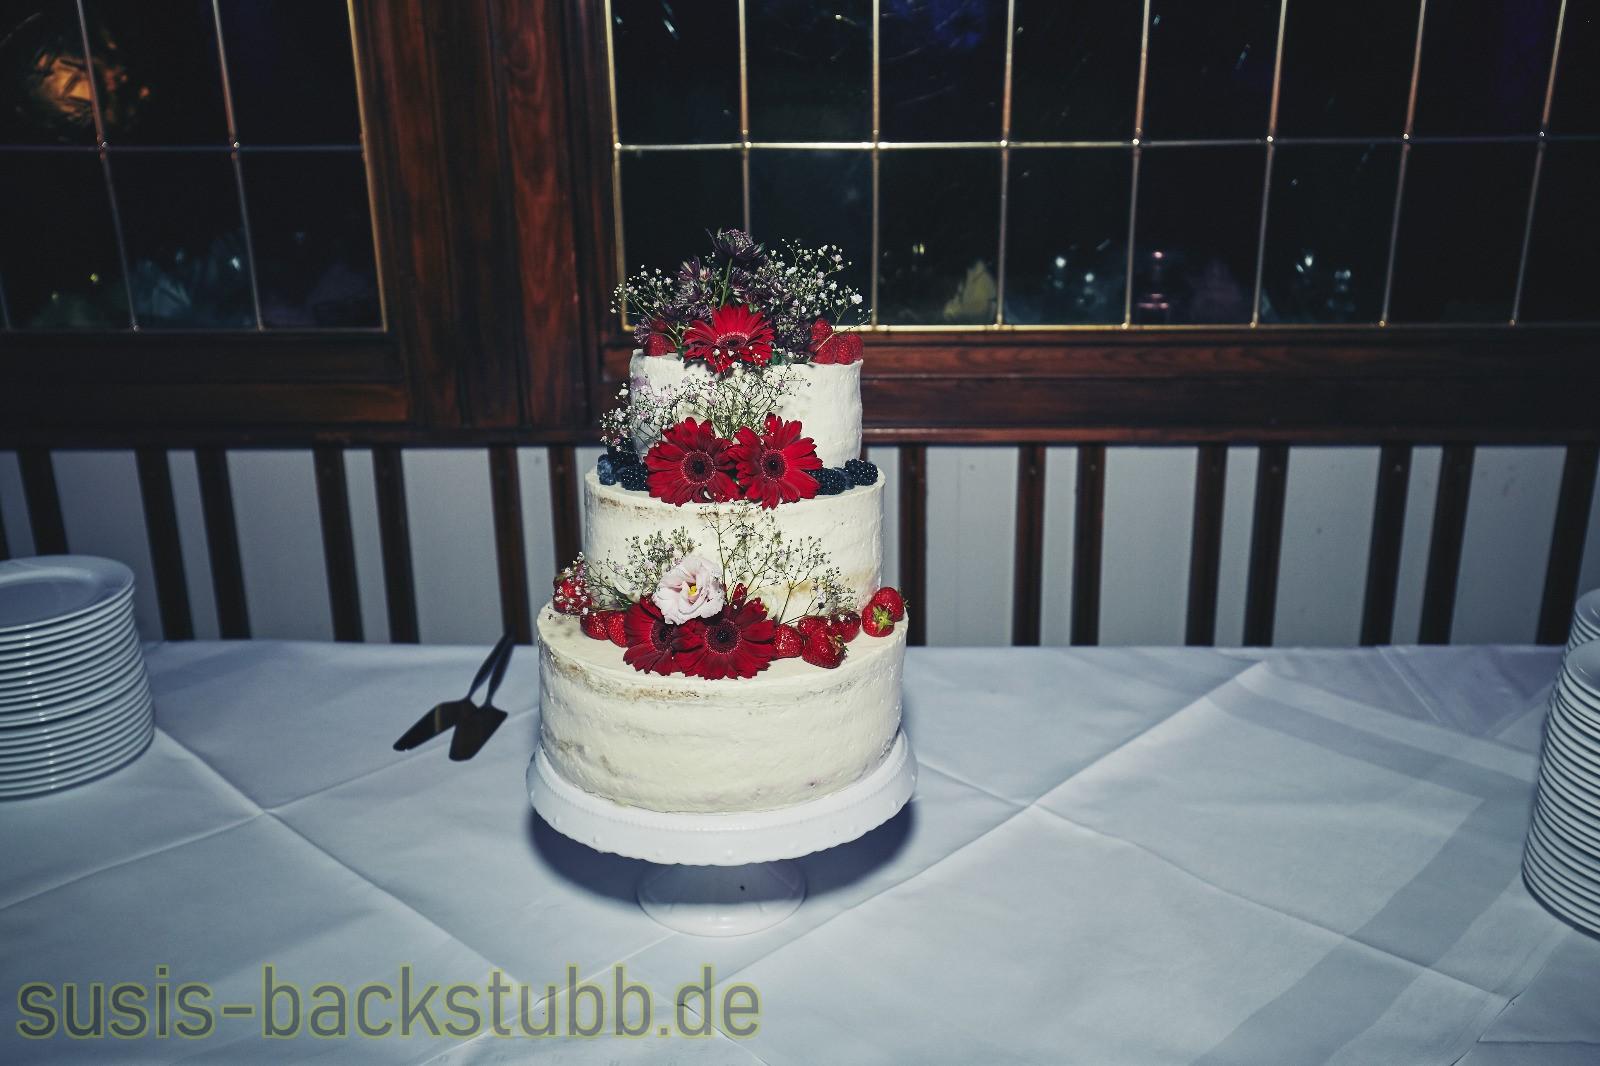 Naked Cake Hochzeitstorte Mit Blumen Susis Backstubb